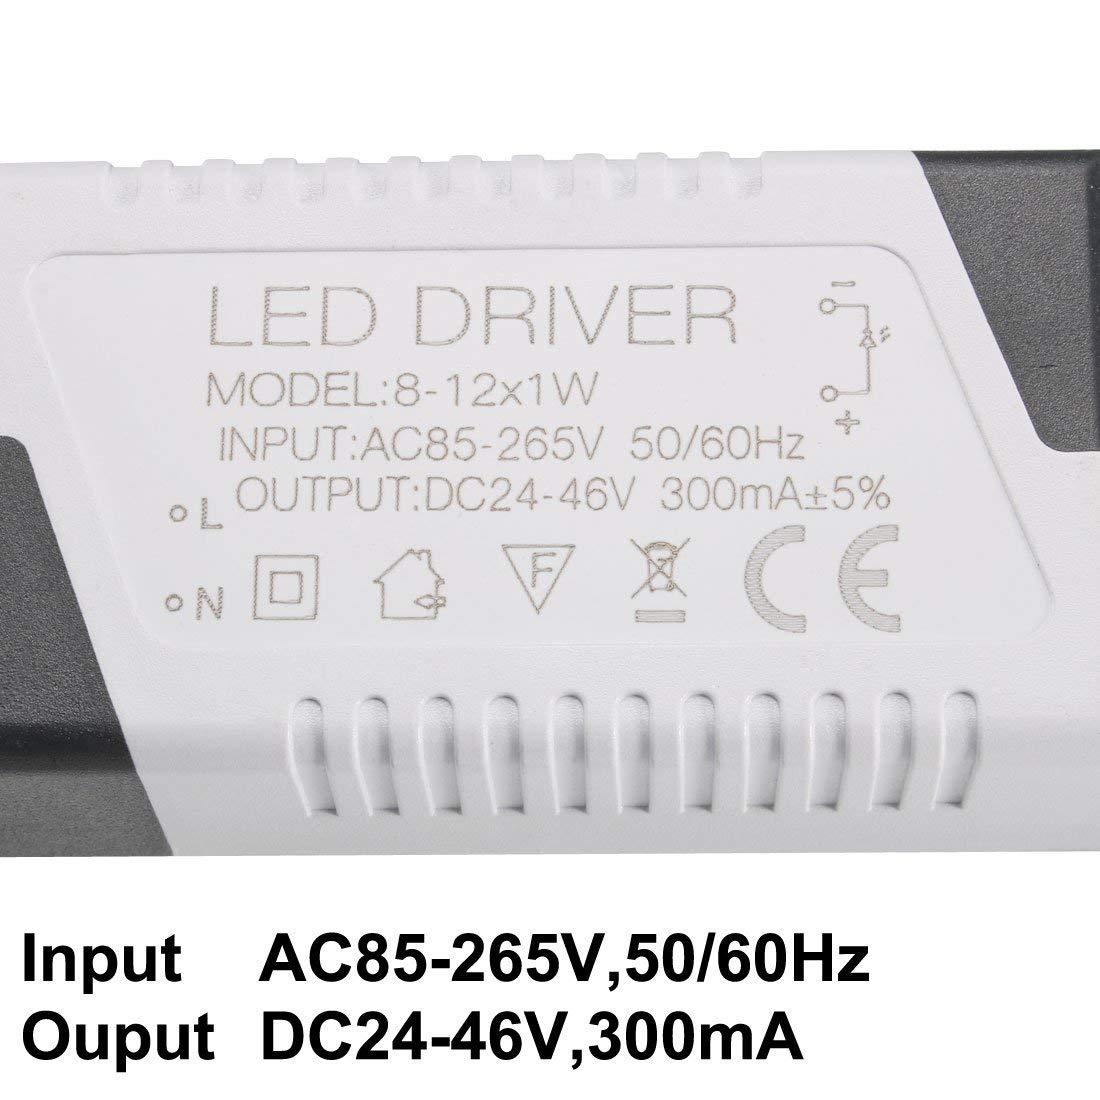 ad alta potenza 12-18W Sourcingmap 300 mA 2pcs Trasformatore a LED a corrente costante